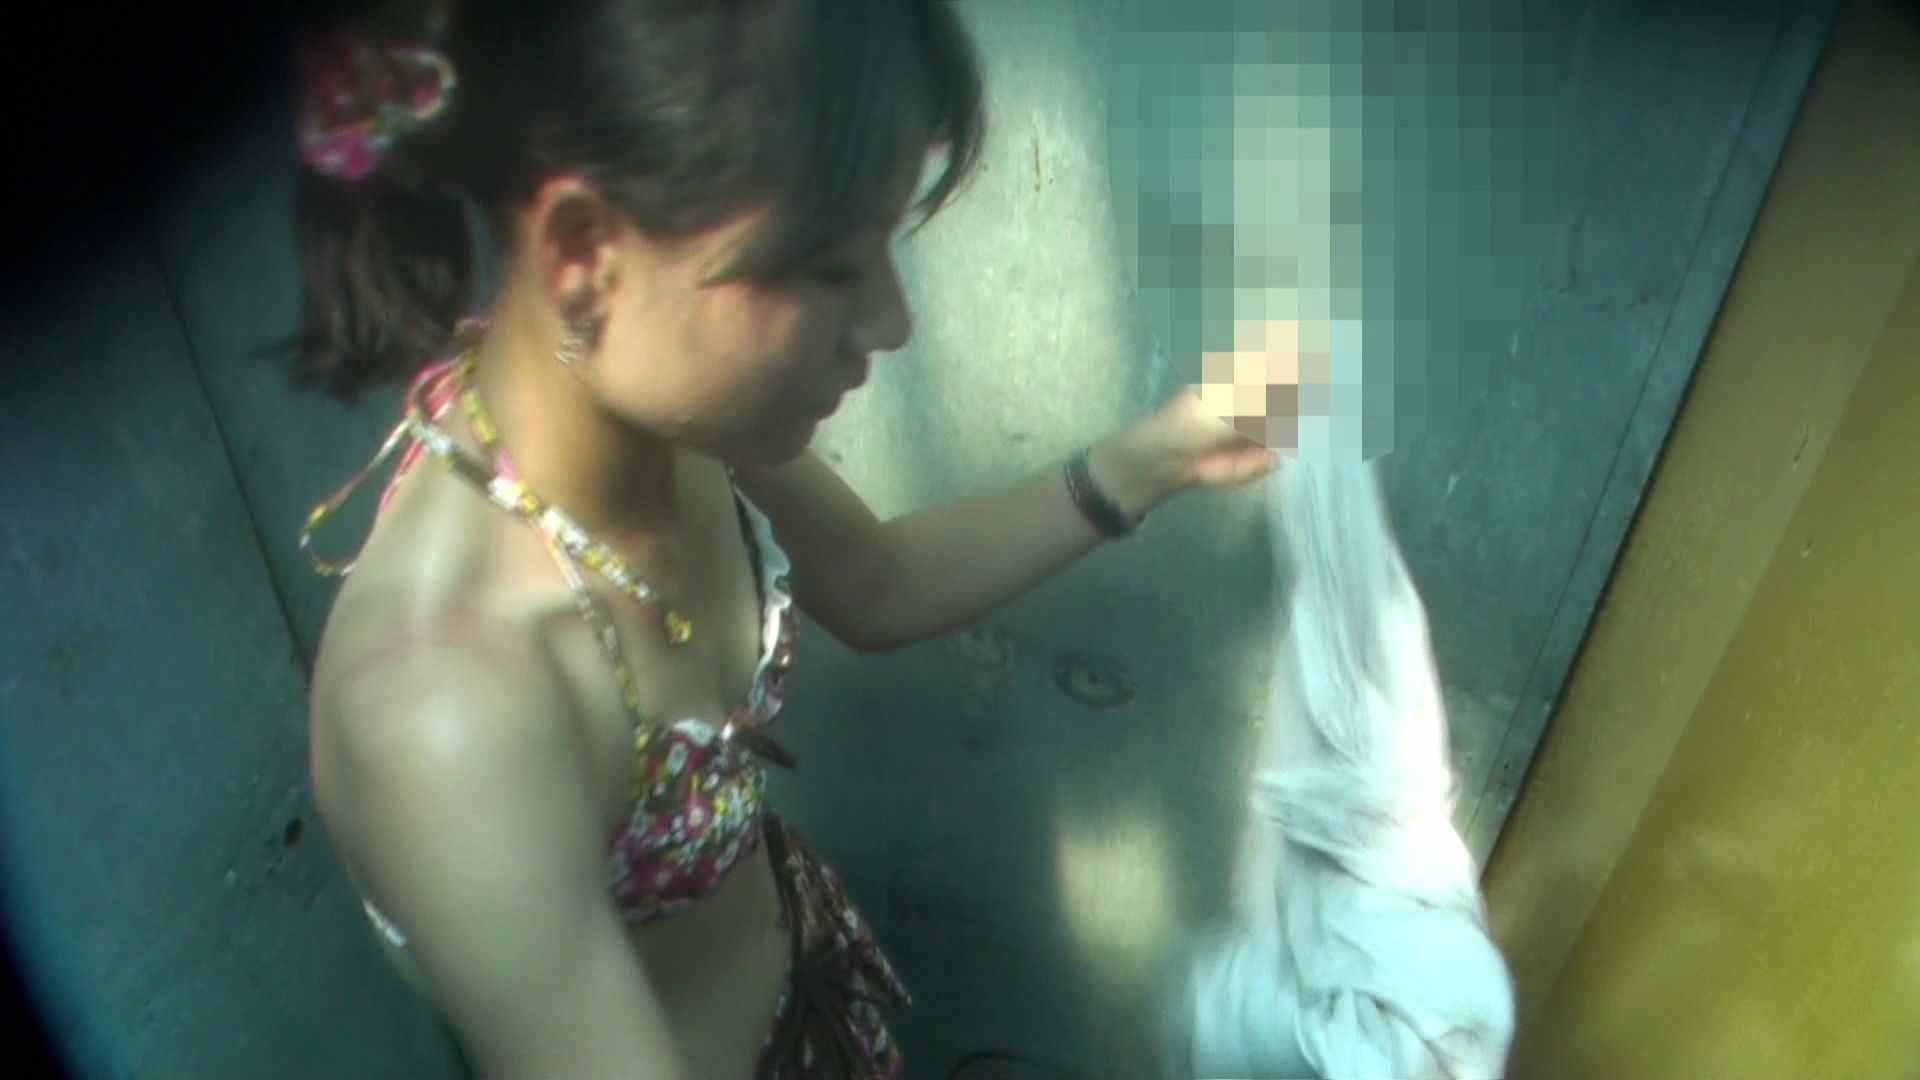 シャワールームは超!!危険な香りVol.16 意外に乳首は年増のそれ エロティックなOL  105画像 95